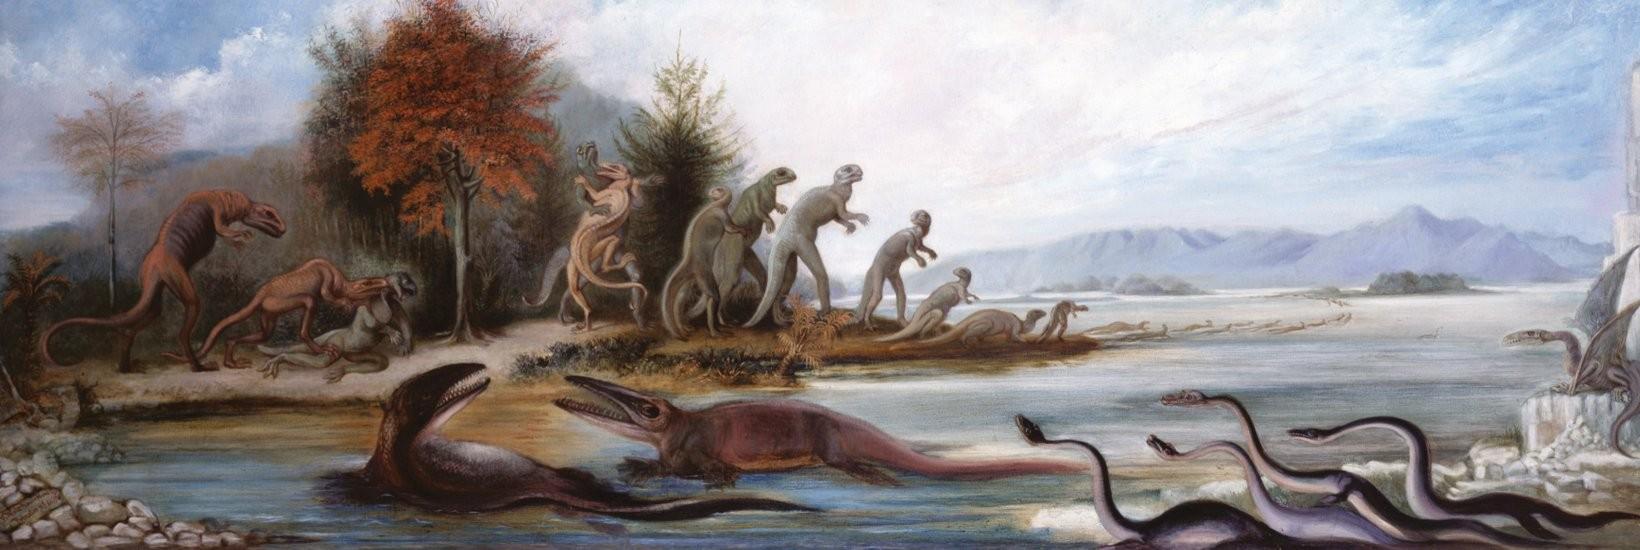 """Benjamin Waterhouse Hawkins, """"Cretaceous Life of New Jersey"""" (1877)"""